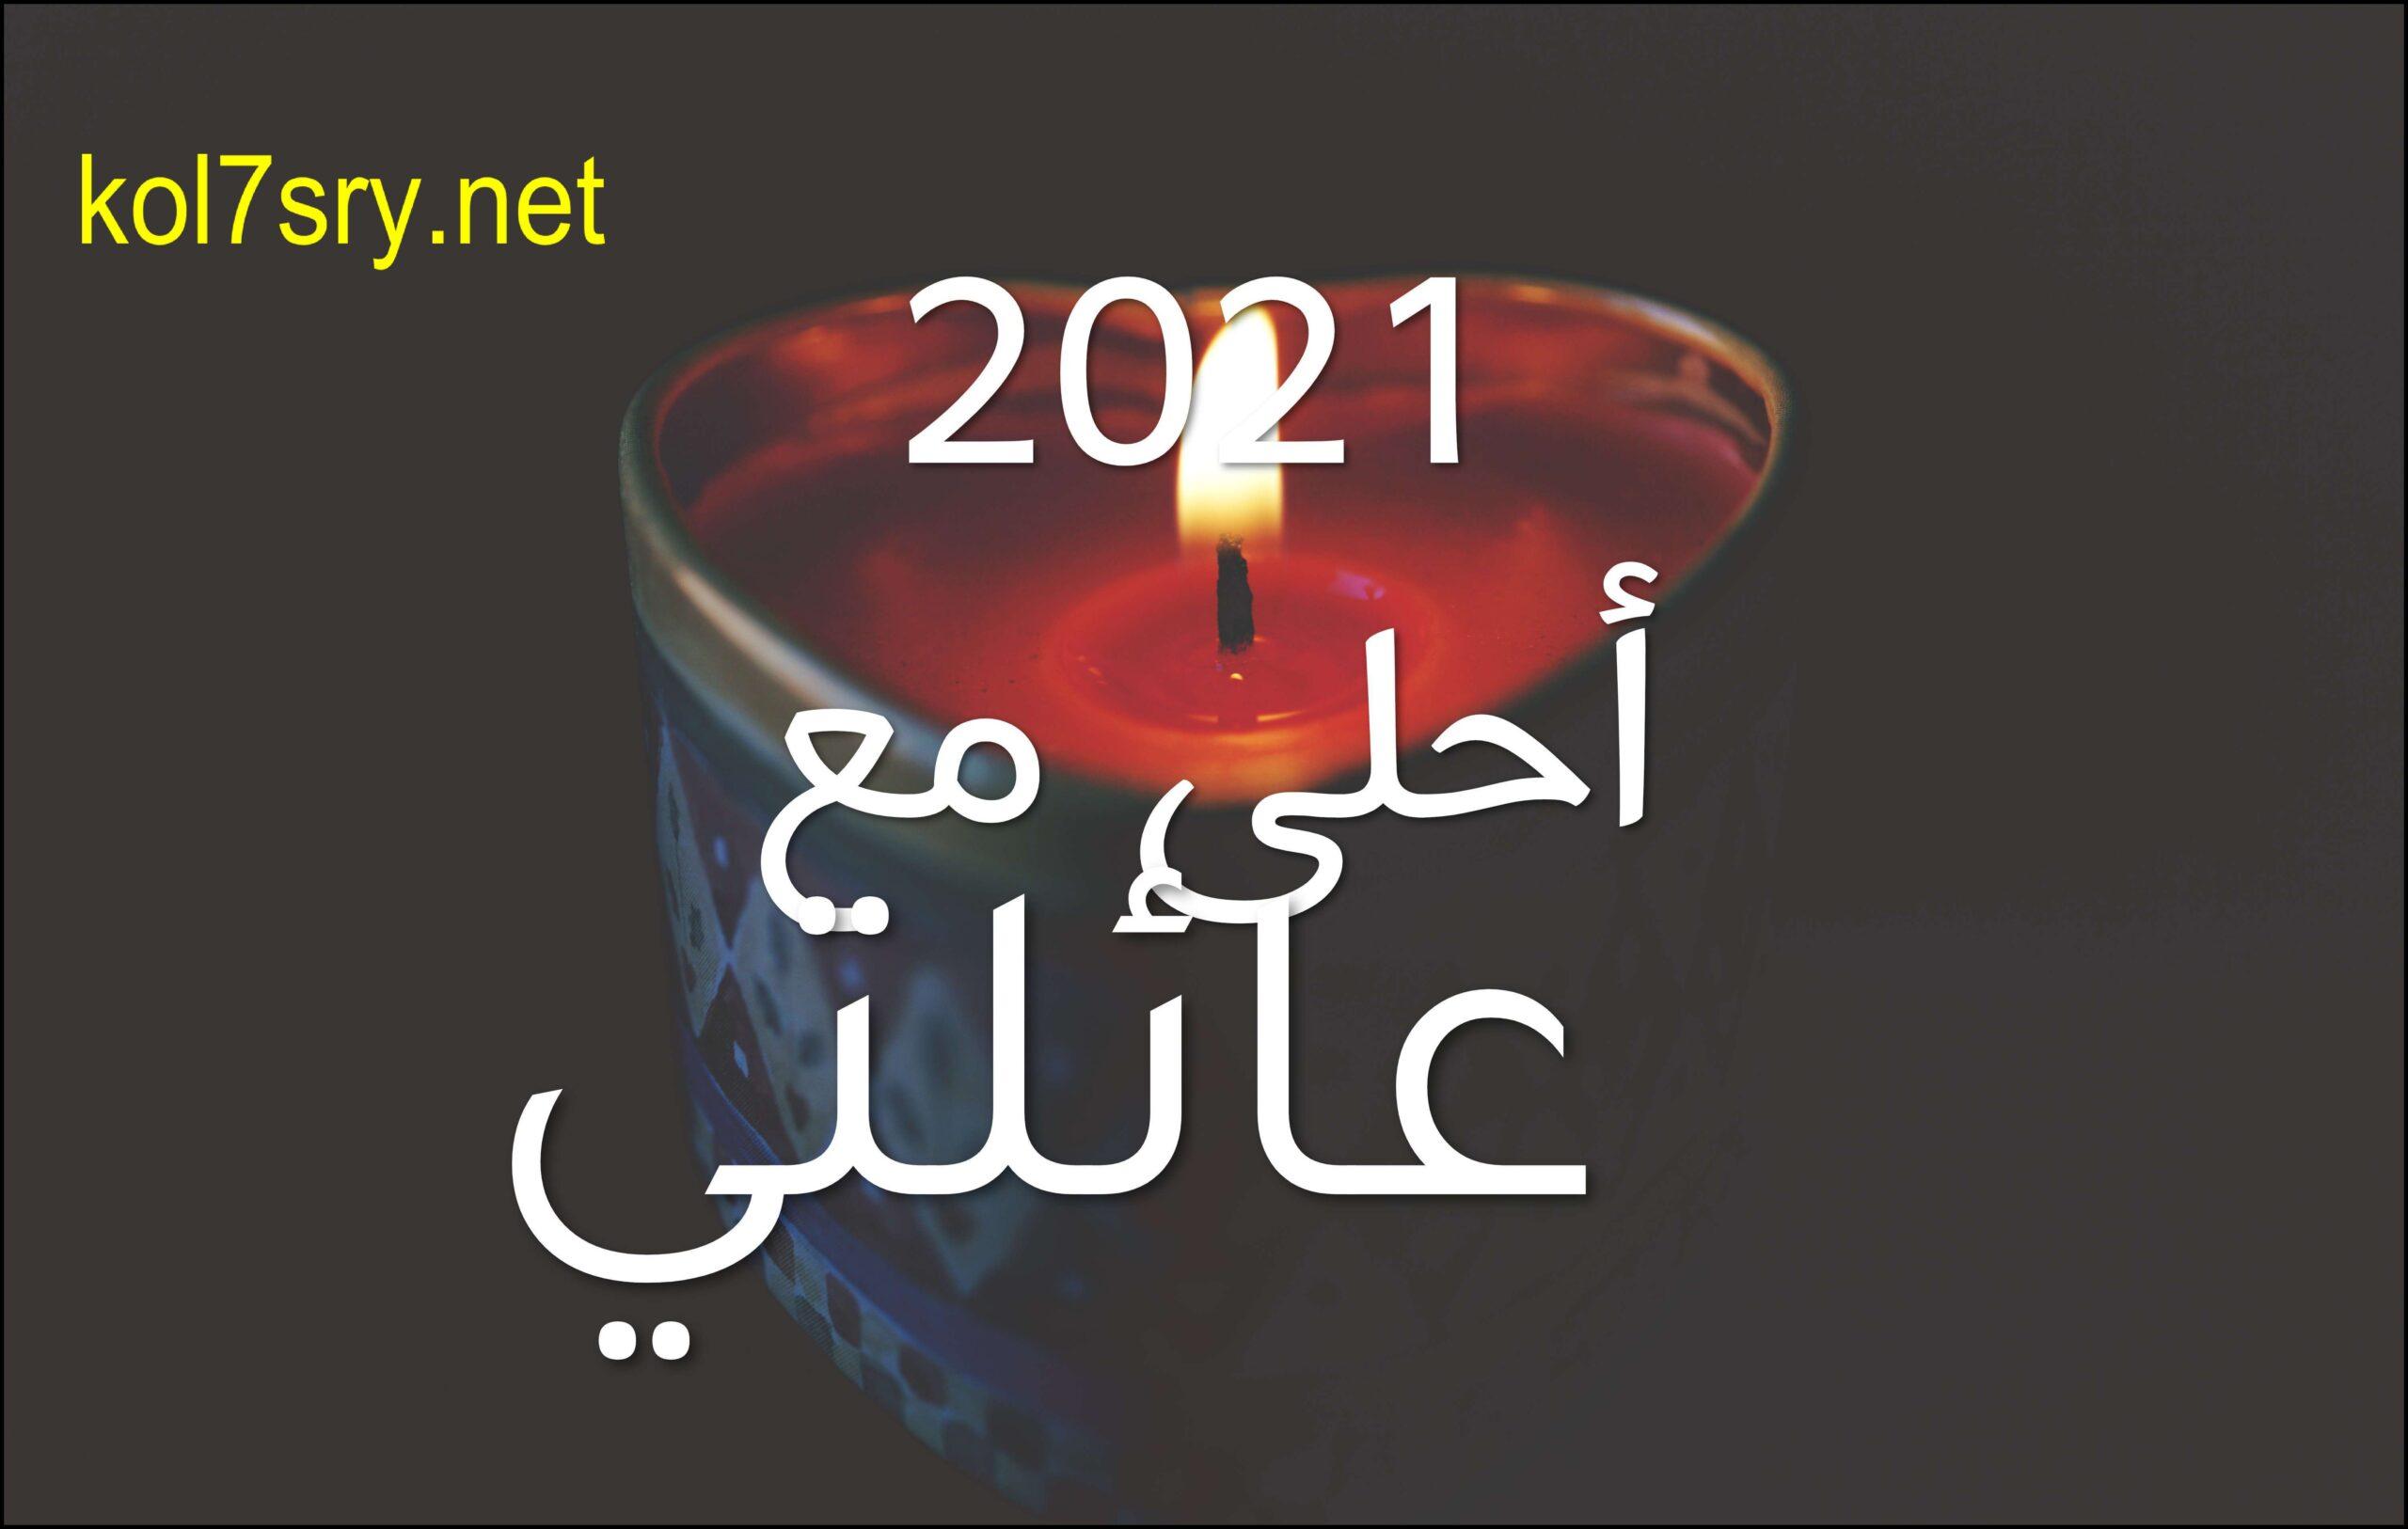 2021 أحلى مع اسمك أجمل 40 صورة HD لعام 2021 احلى مع مجانا اطلب التصميم بالتعليقات 33